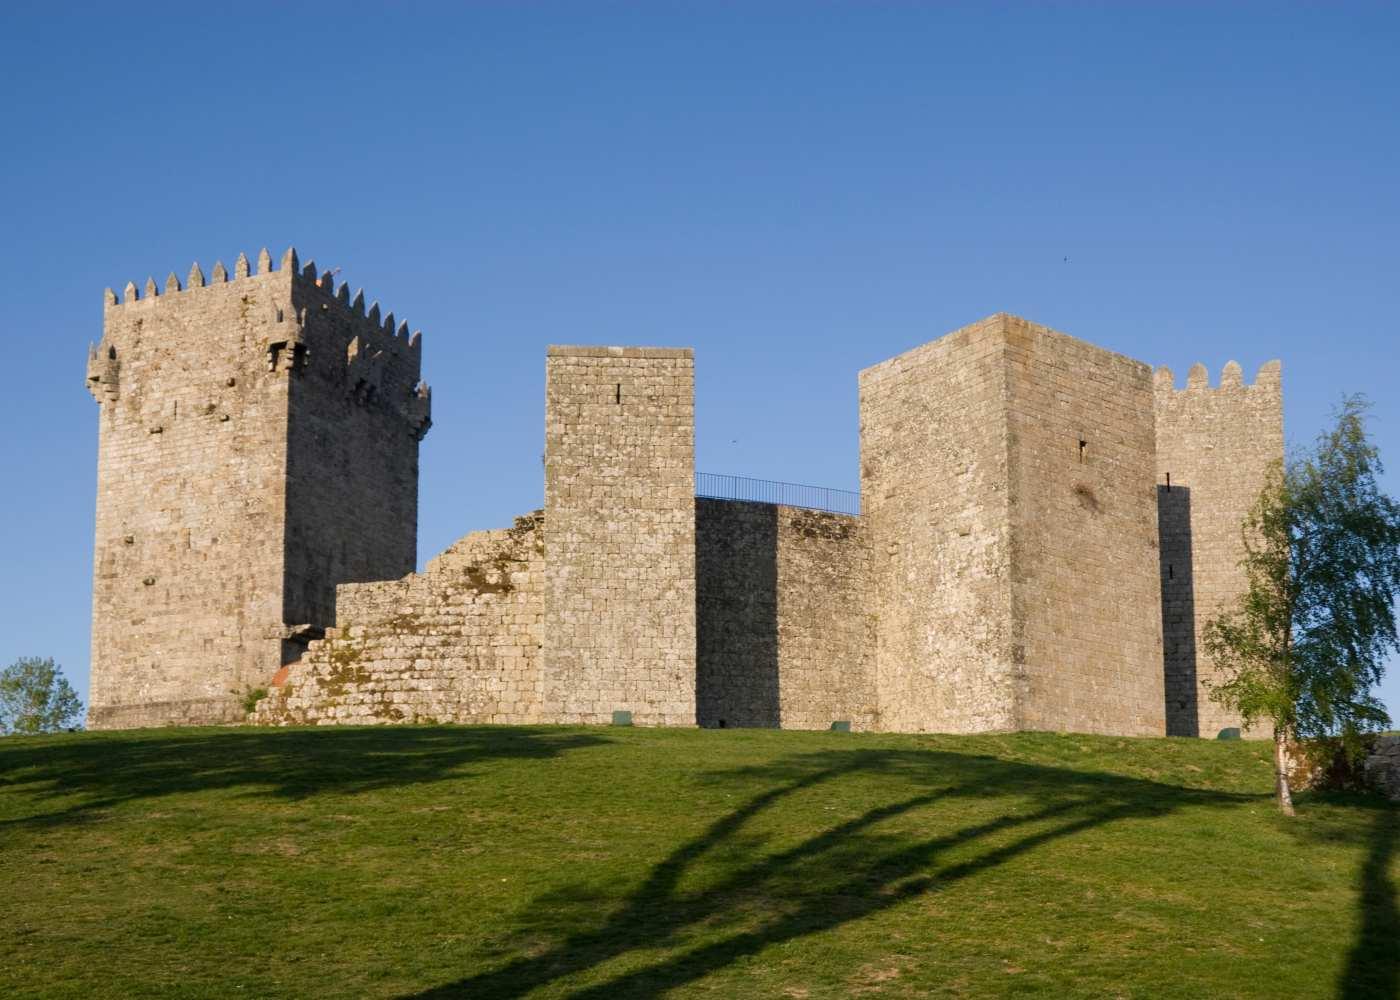 Vista do castelo de Montalegre